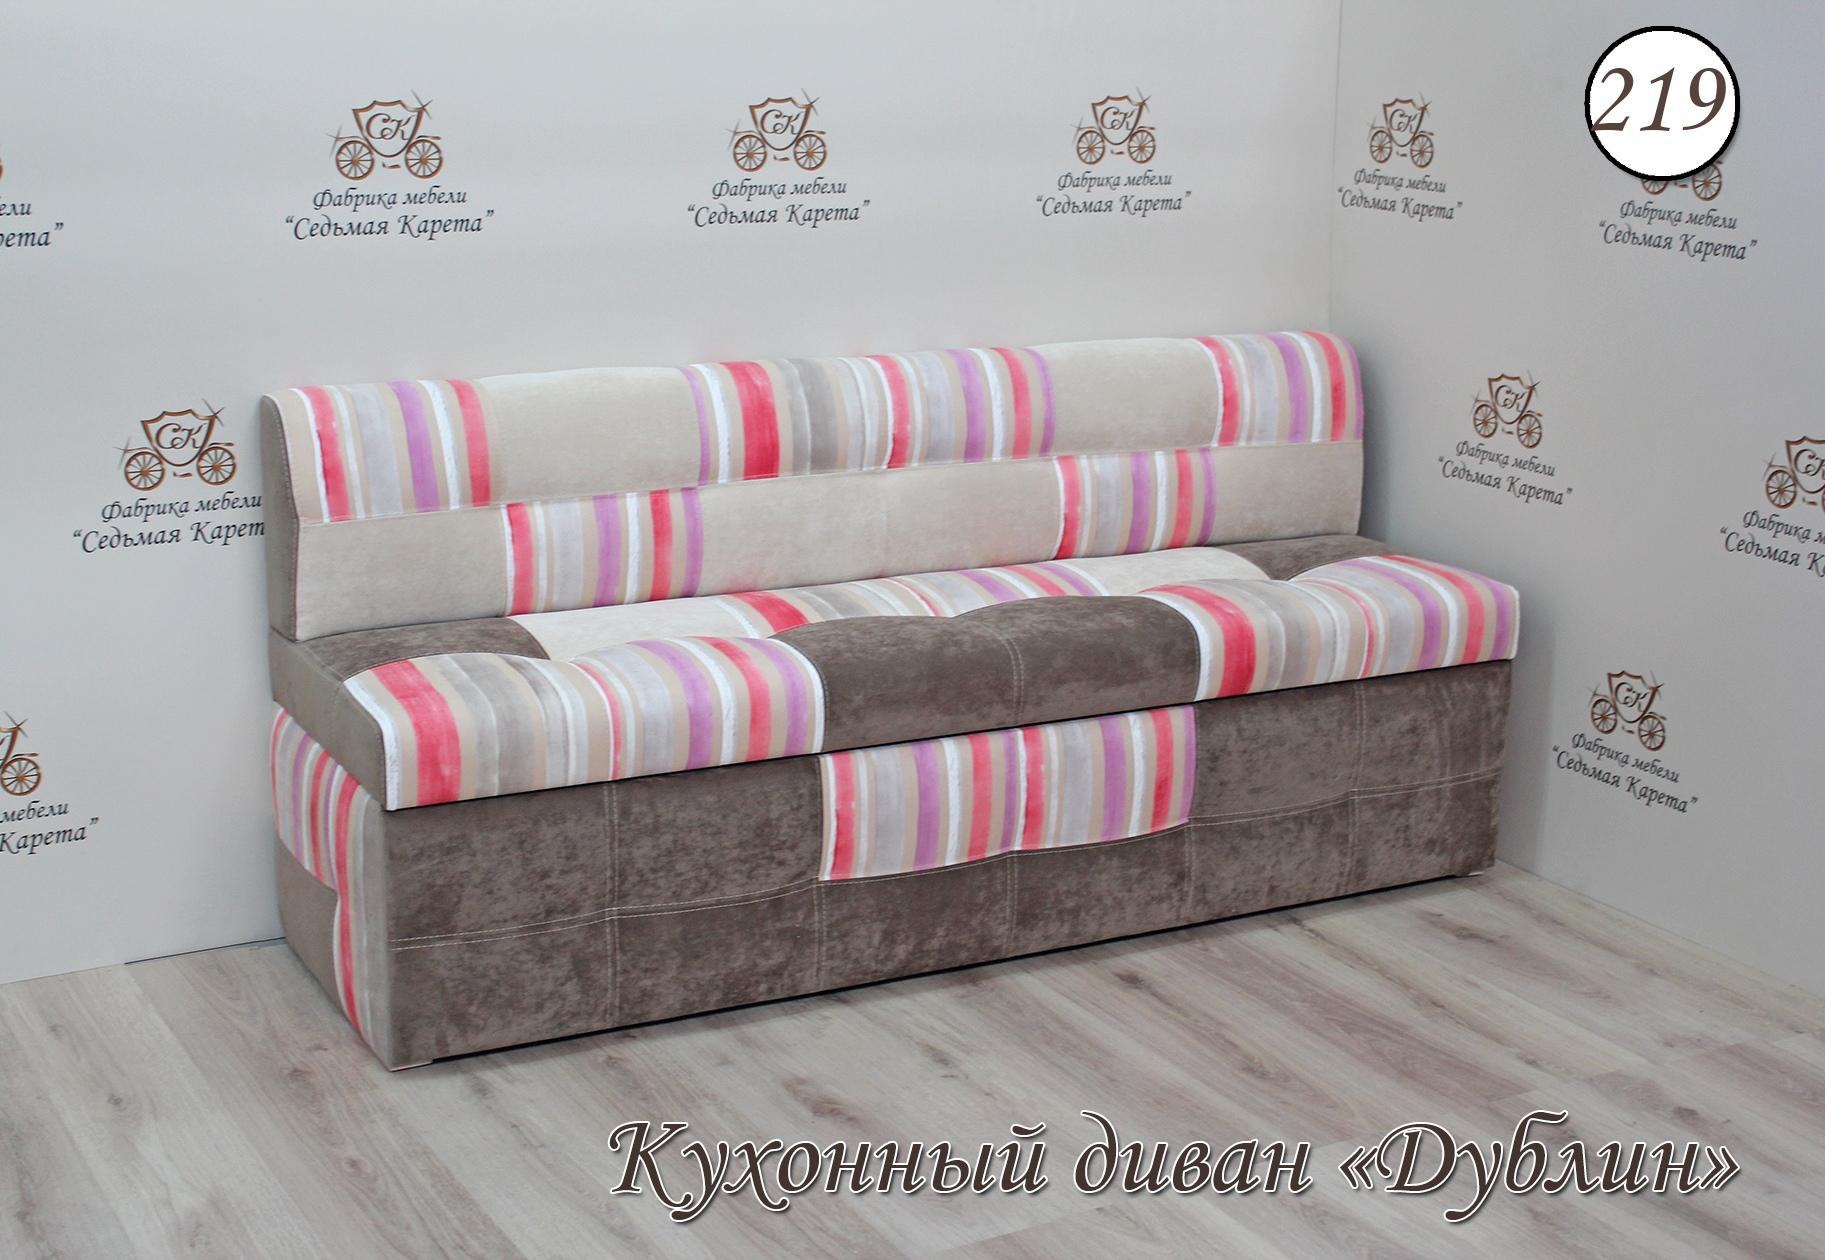 Кухонный диван Дублин-213